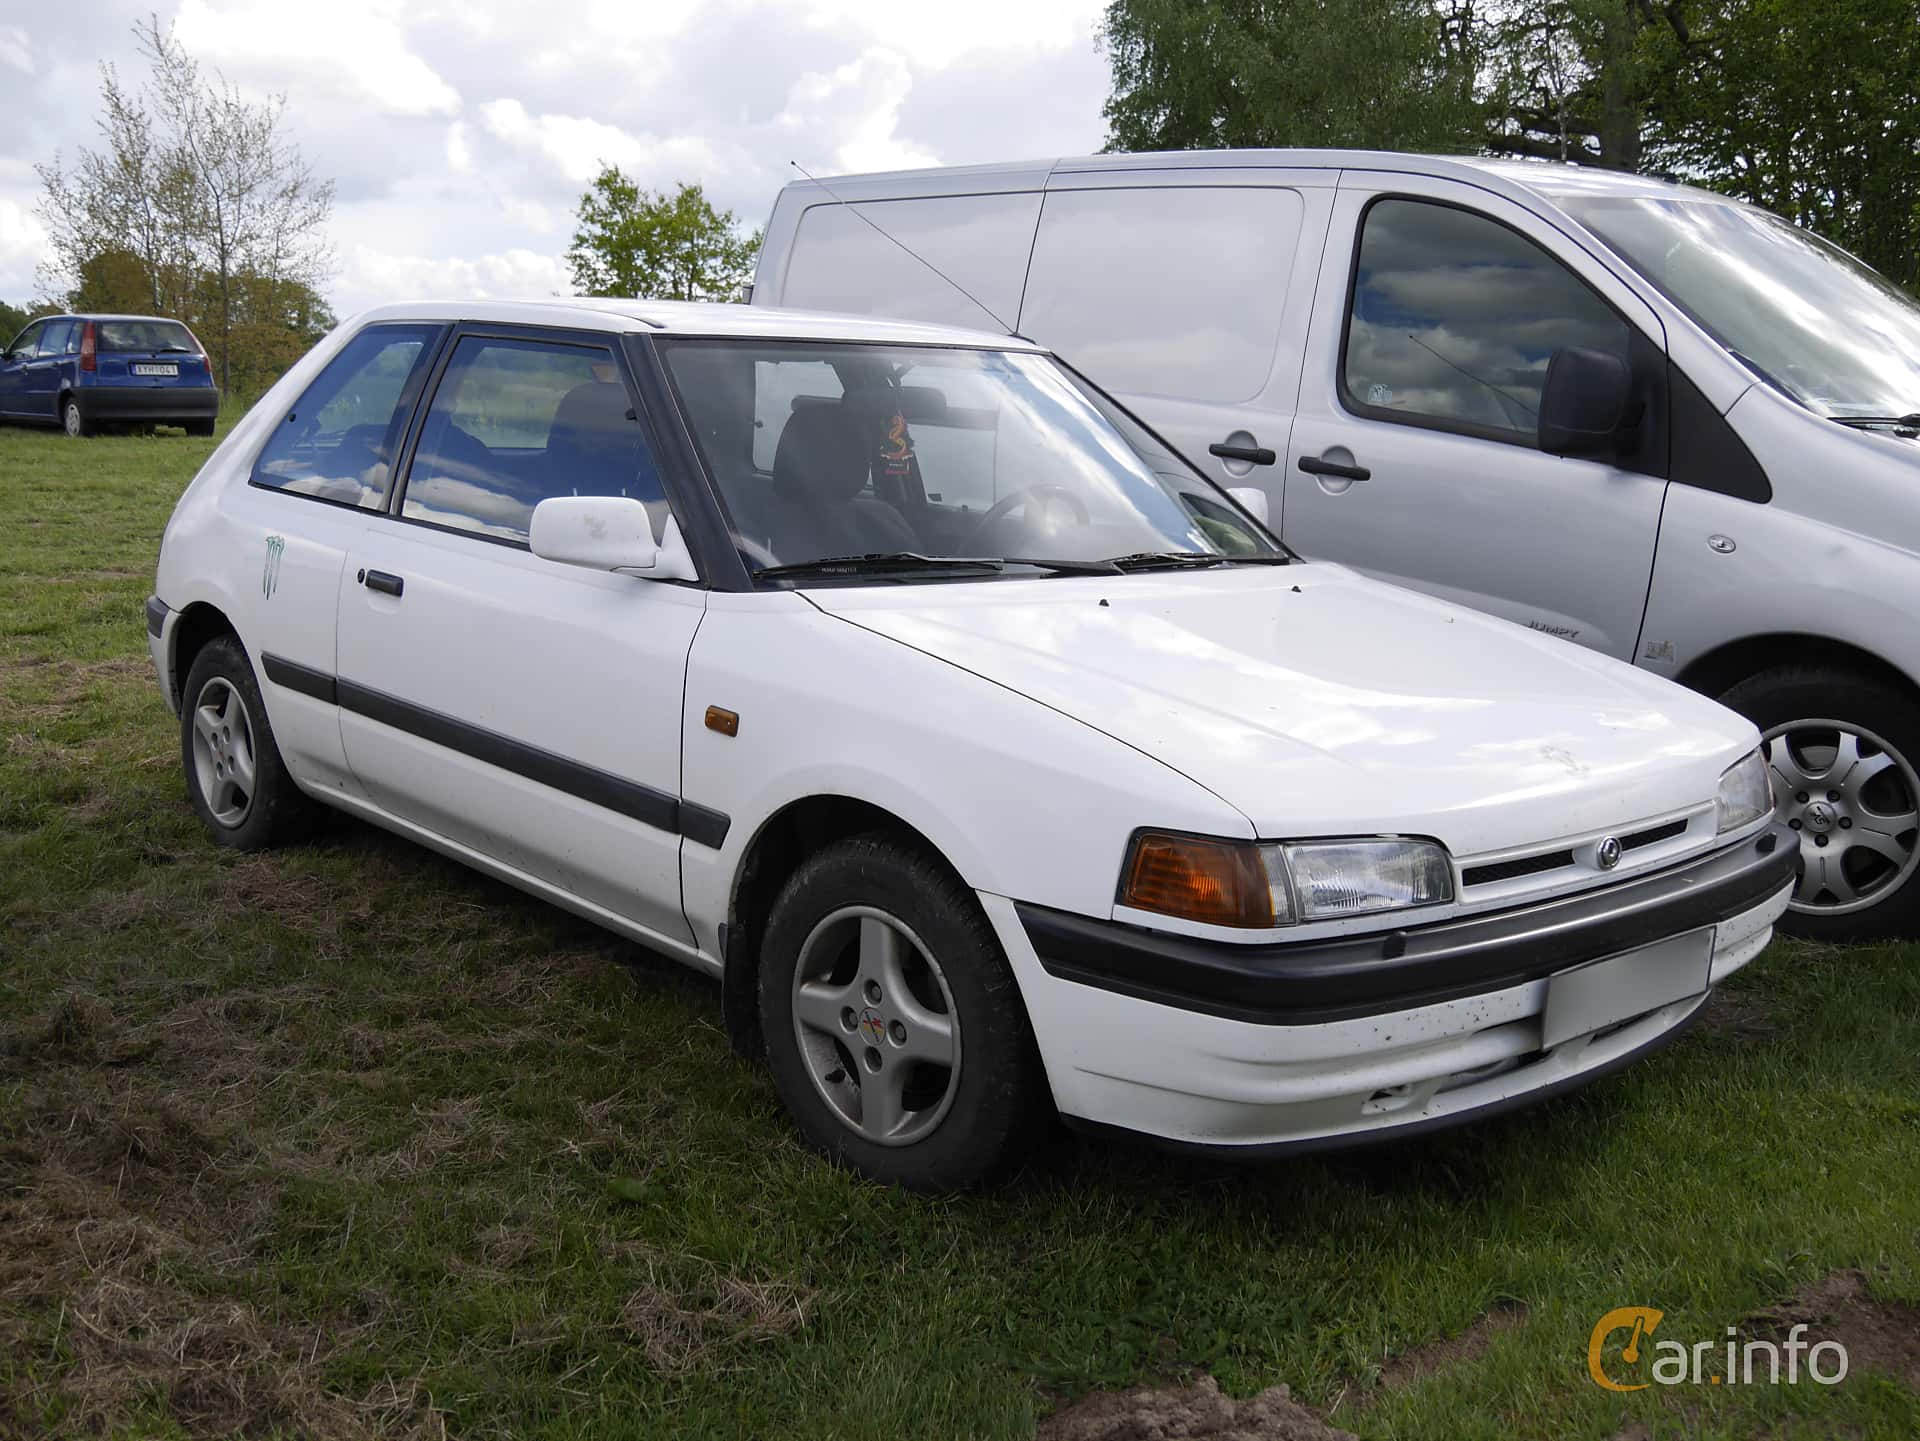 user images of mazda 323 1 6 bg rh car info 1989 Mazda 323 Hatchback 1998 Mazda 323